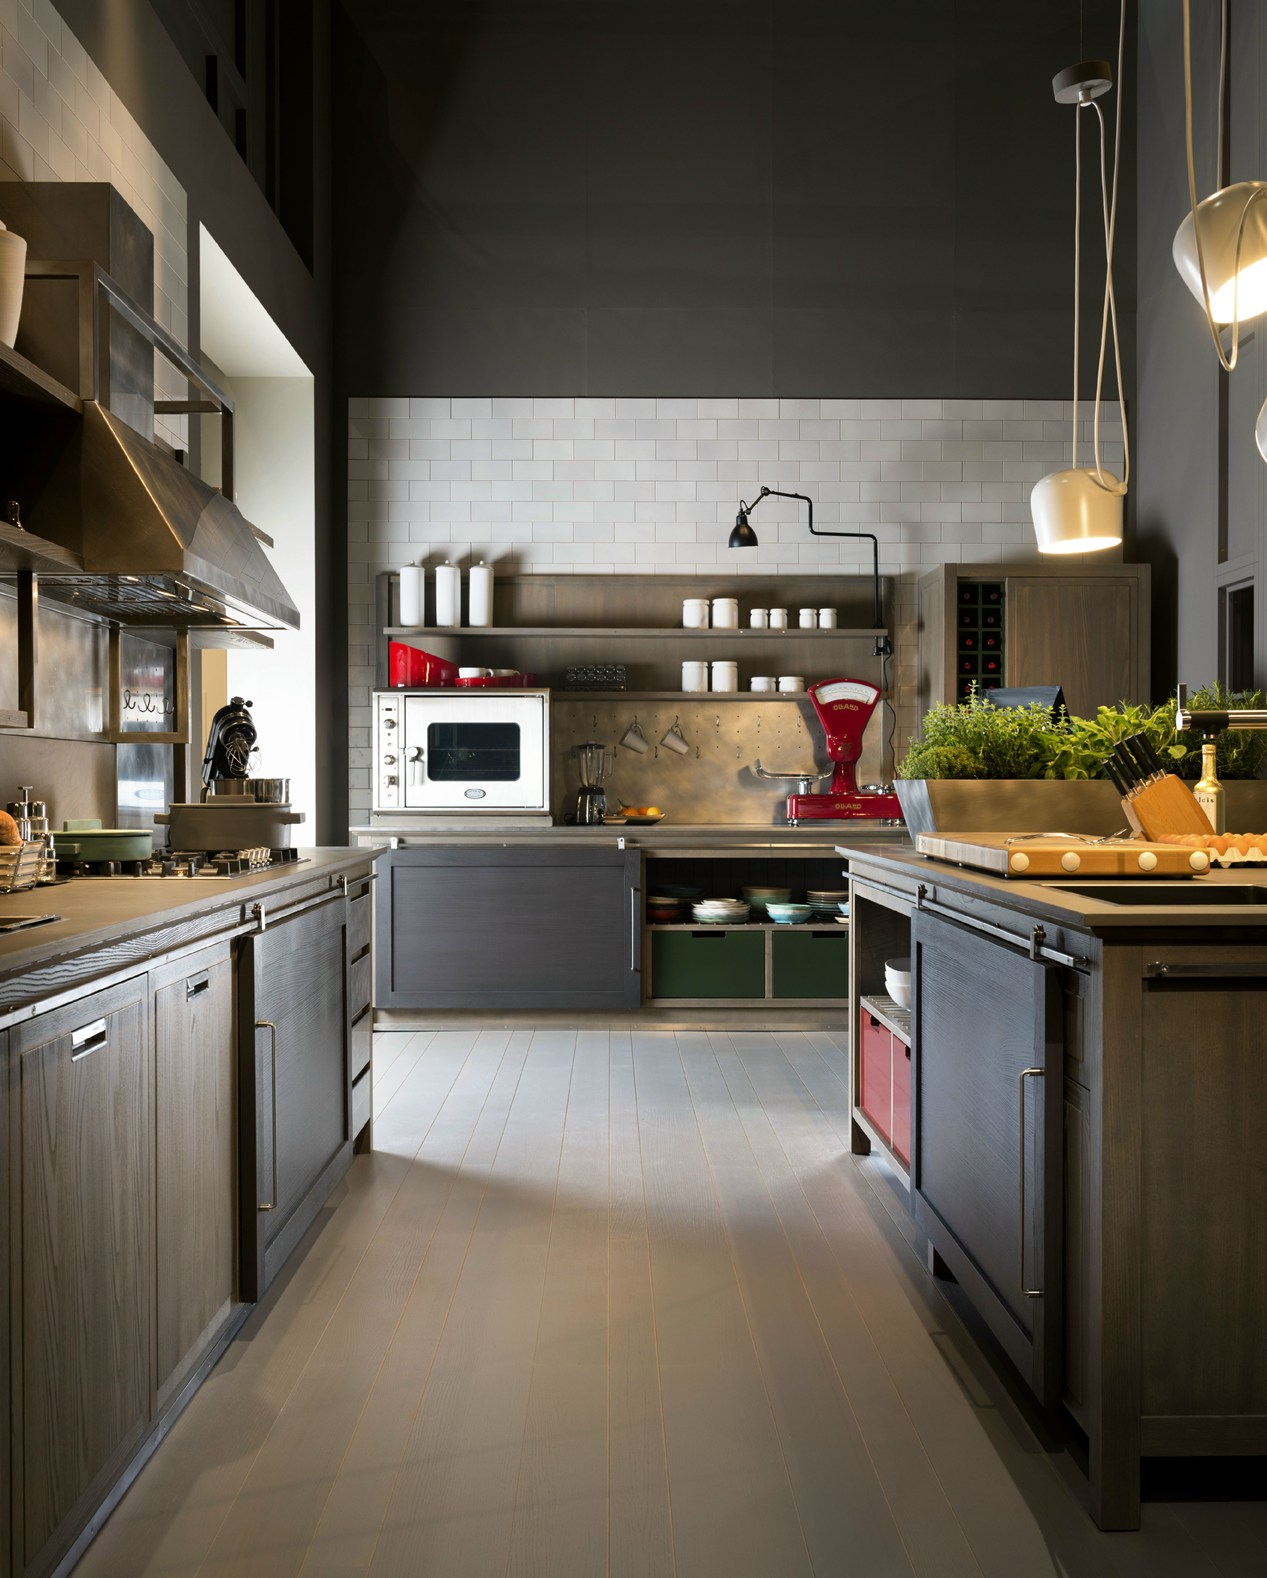 Ottocento Stile Contemporaneo: Industrial Chic Design Enrico  #A66B25 1267 1578 Arredo Cucina Stile Industriale